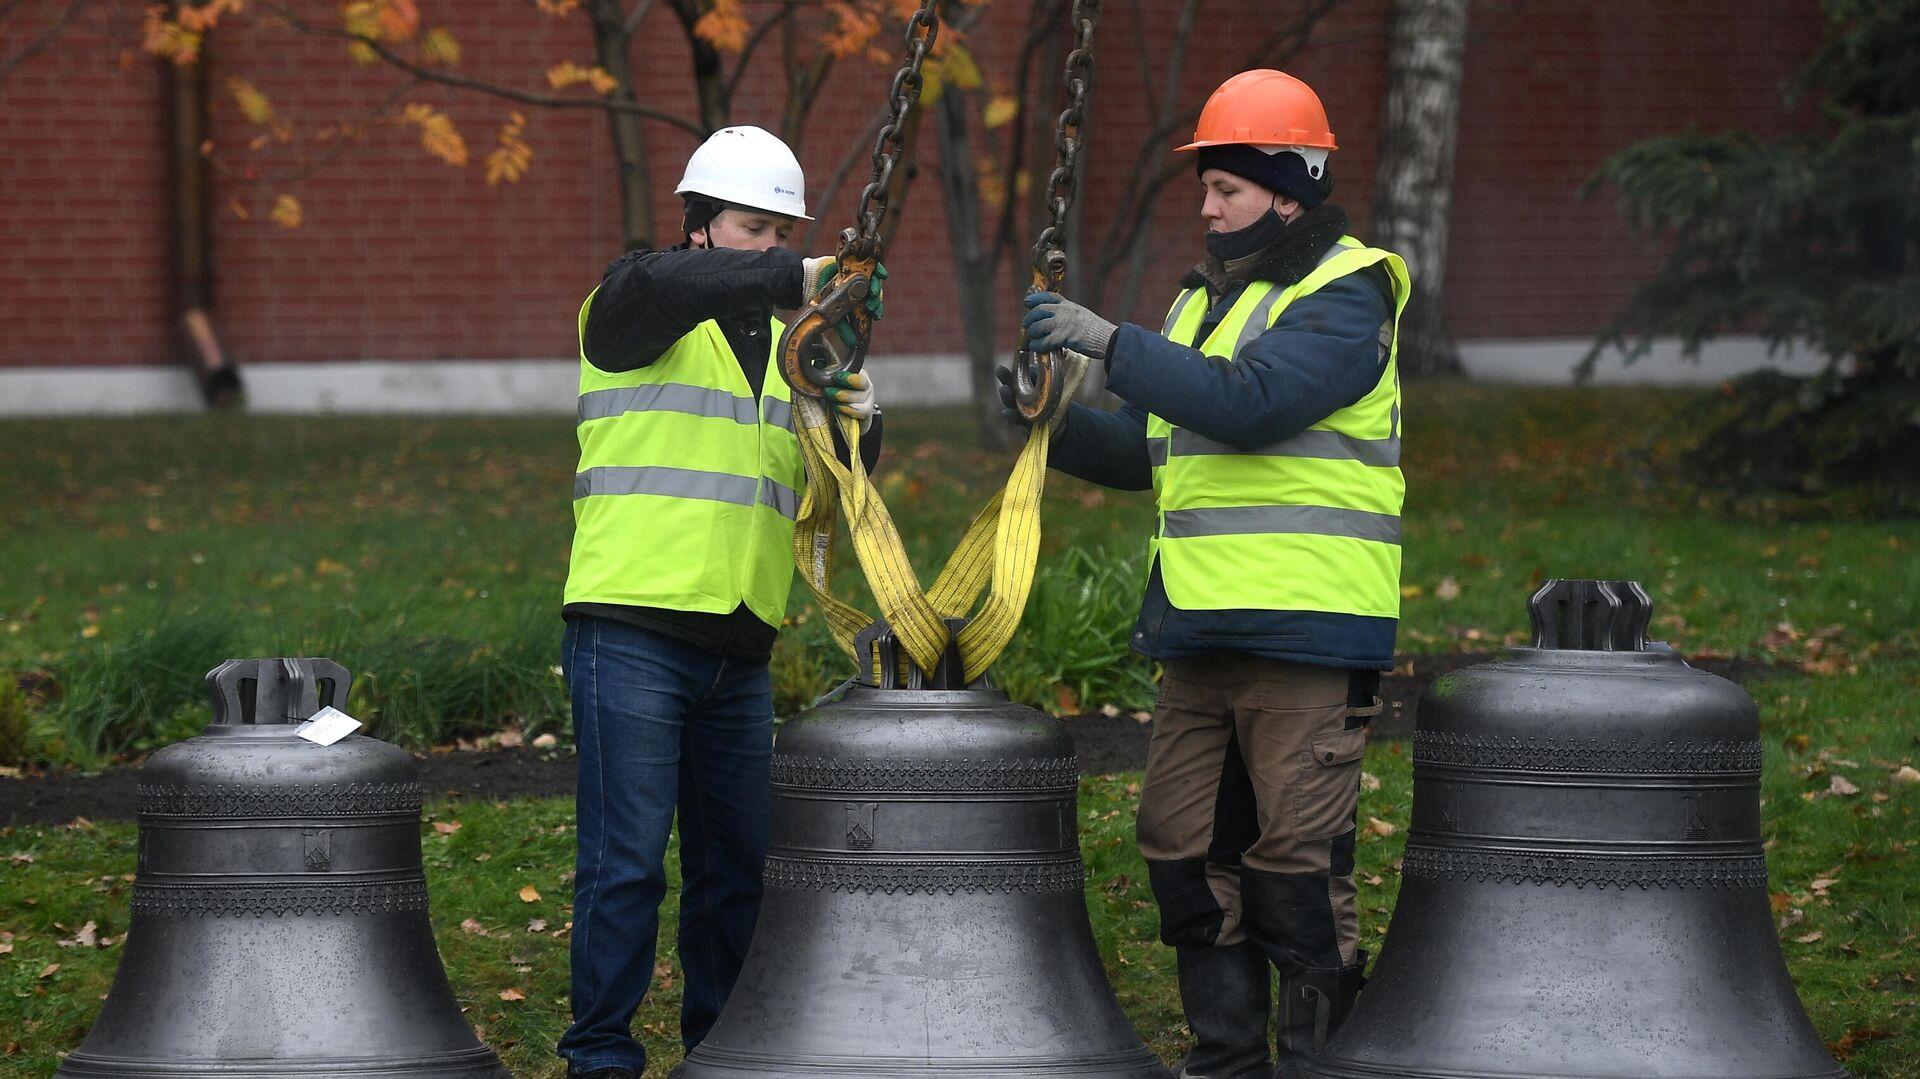 Рабочие стропят колокол перед установкой в звонницу Спасской башни Кремля - РИА Новости, 1920, 22.10.2020